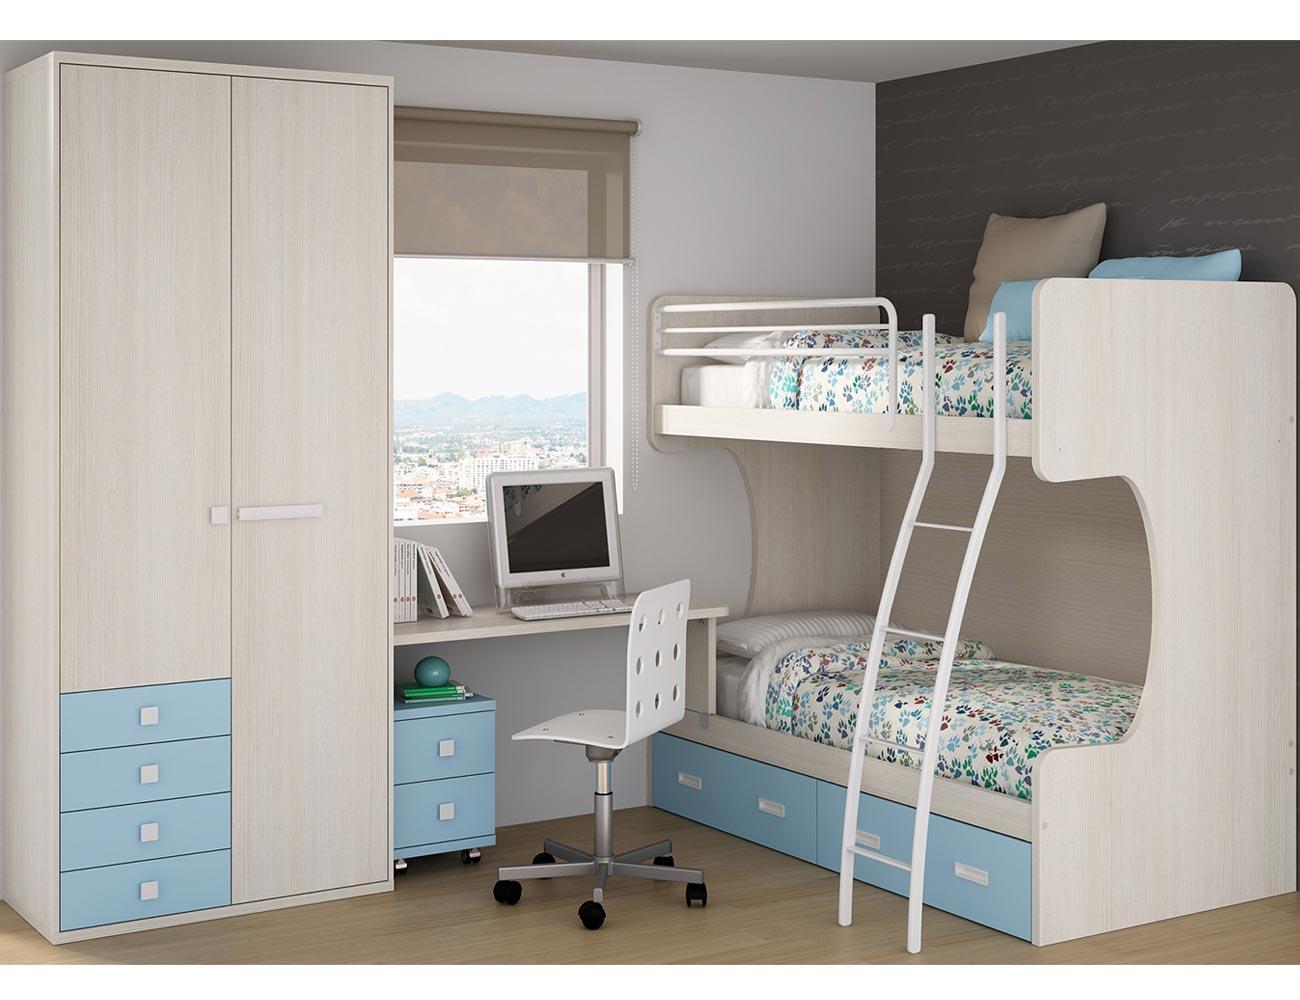 Dormitorio juvenil con litera y armario 13178 factory del mueble utrera - Muebles utrera ...